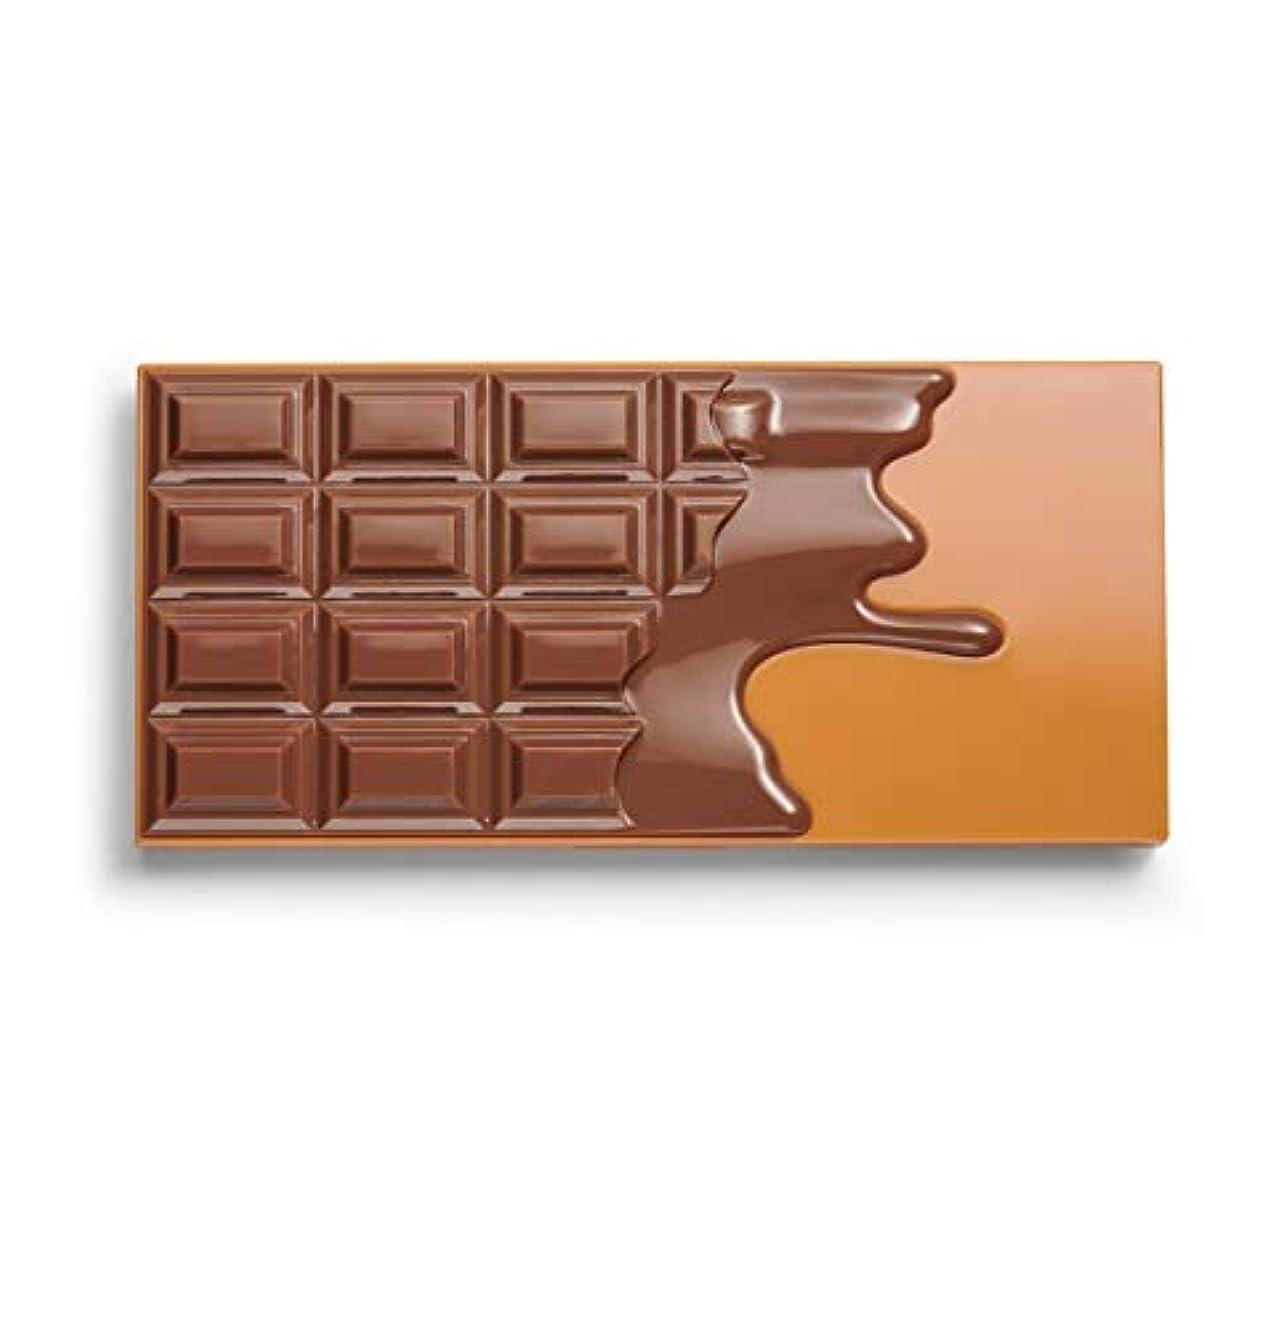 人種精査スタッフメイクアップレボリューション アイラブメイクアップ チョコレート型18色アイシャドウパレット #Peanut Butter Cup